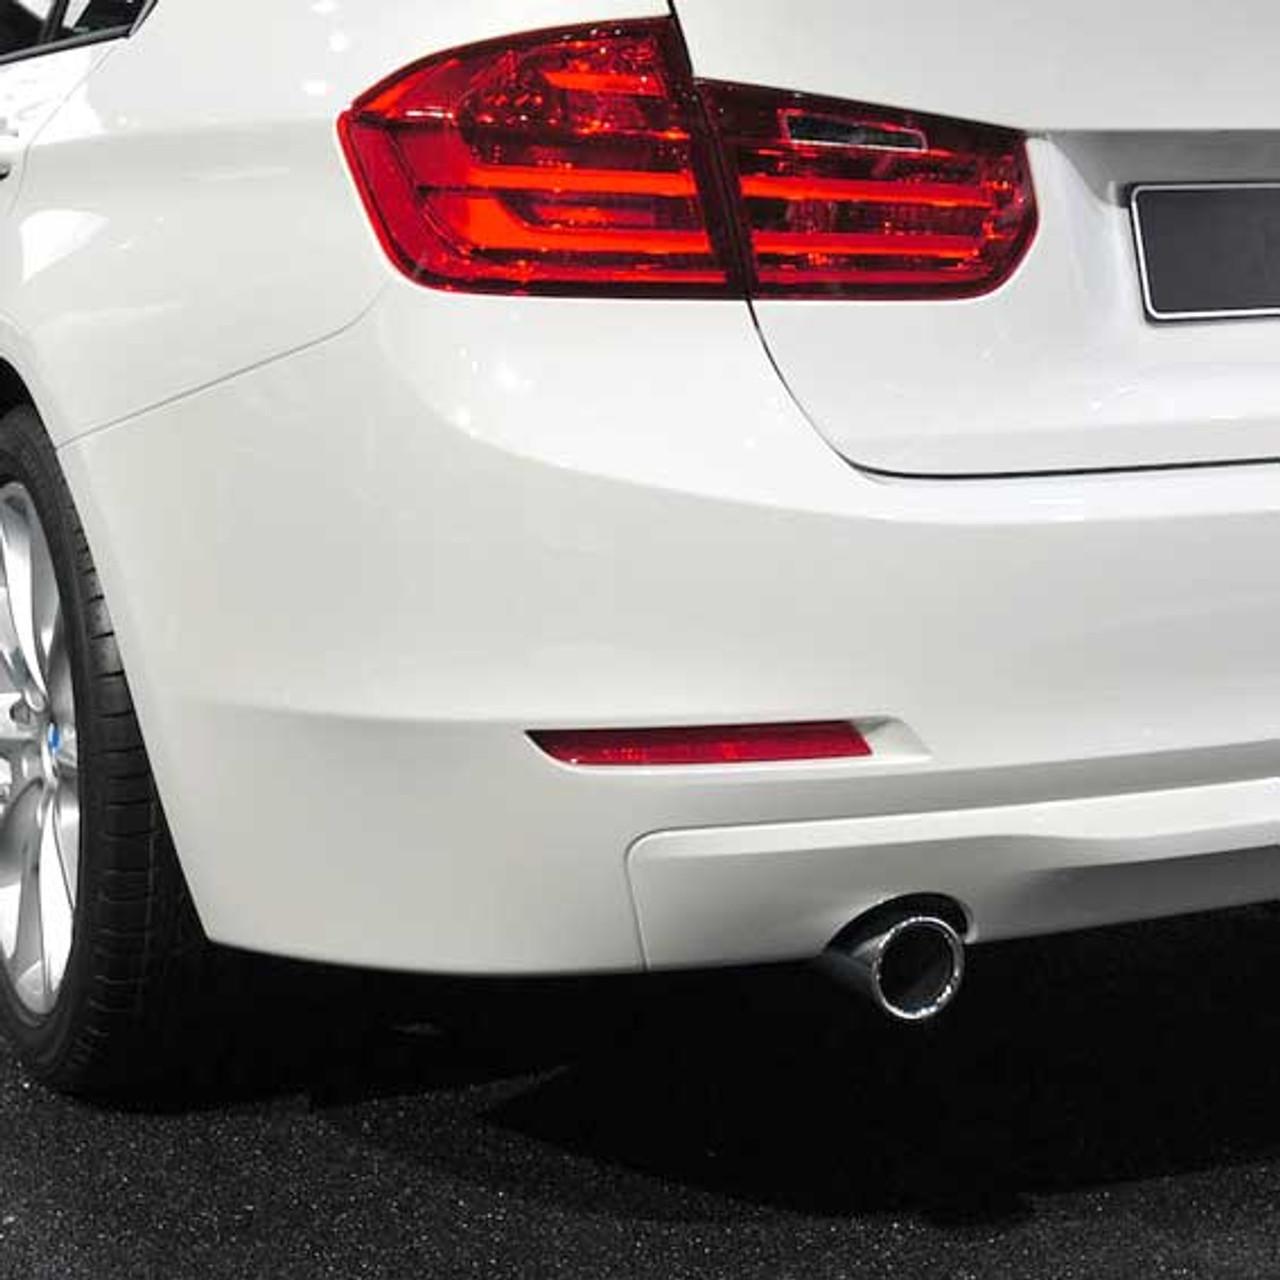 BMW Rear Left Bumper Reflector for F30, F31 Pre-LCI